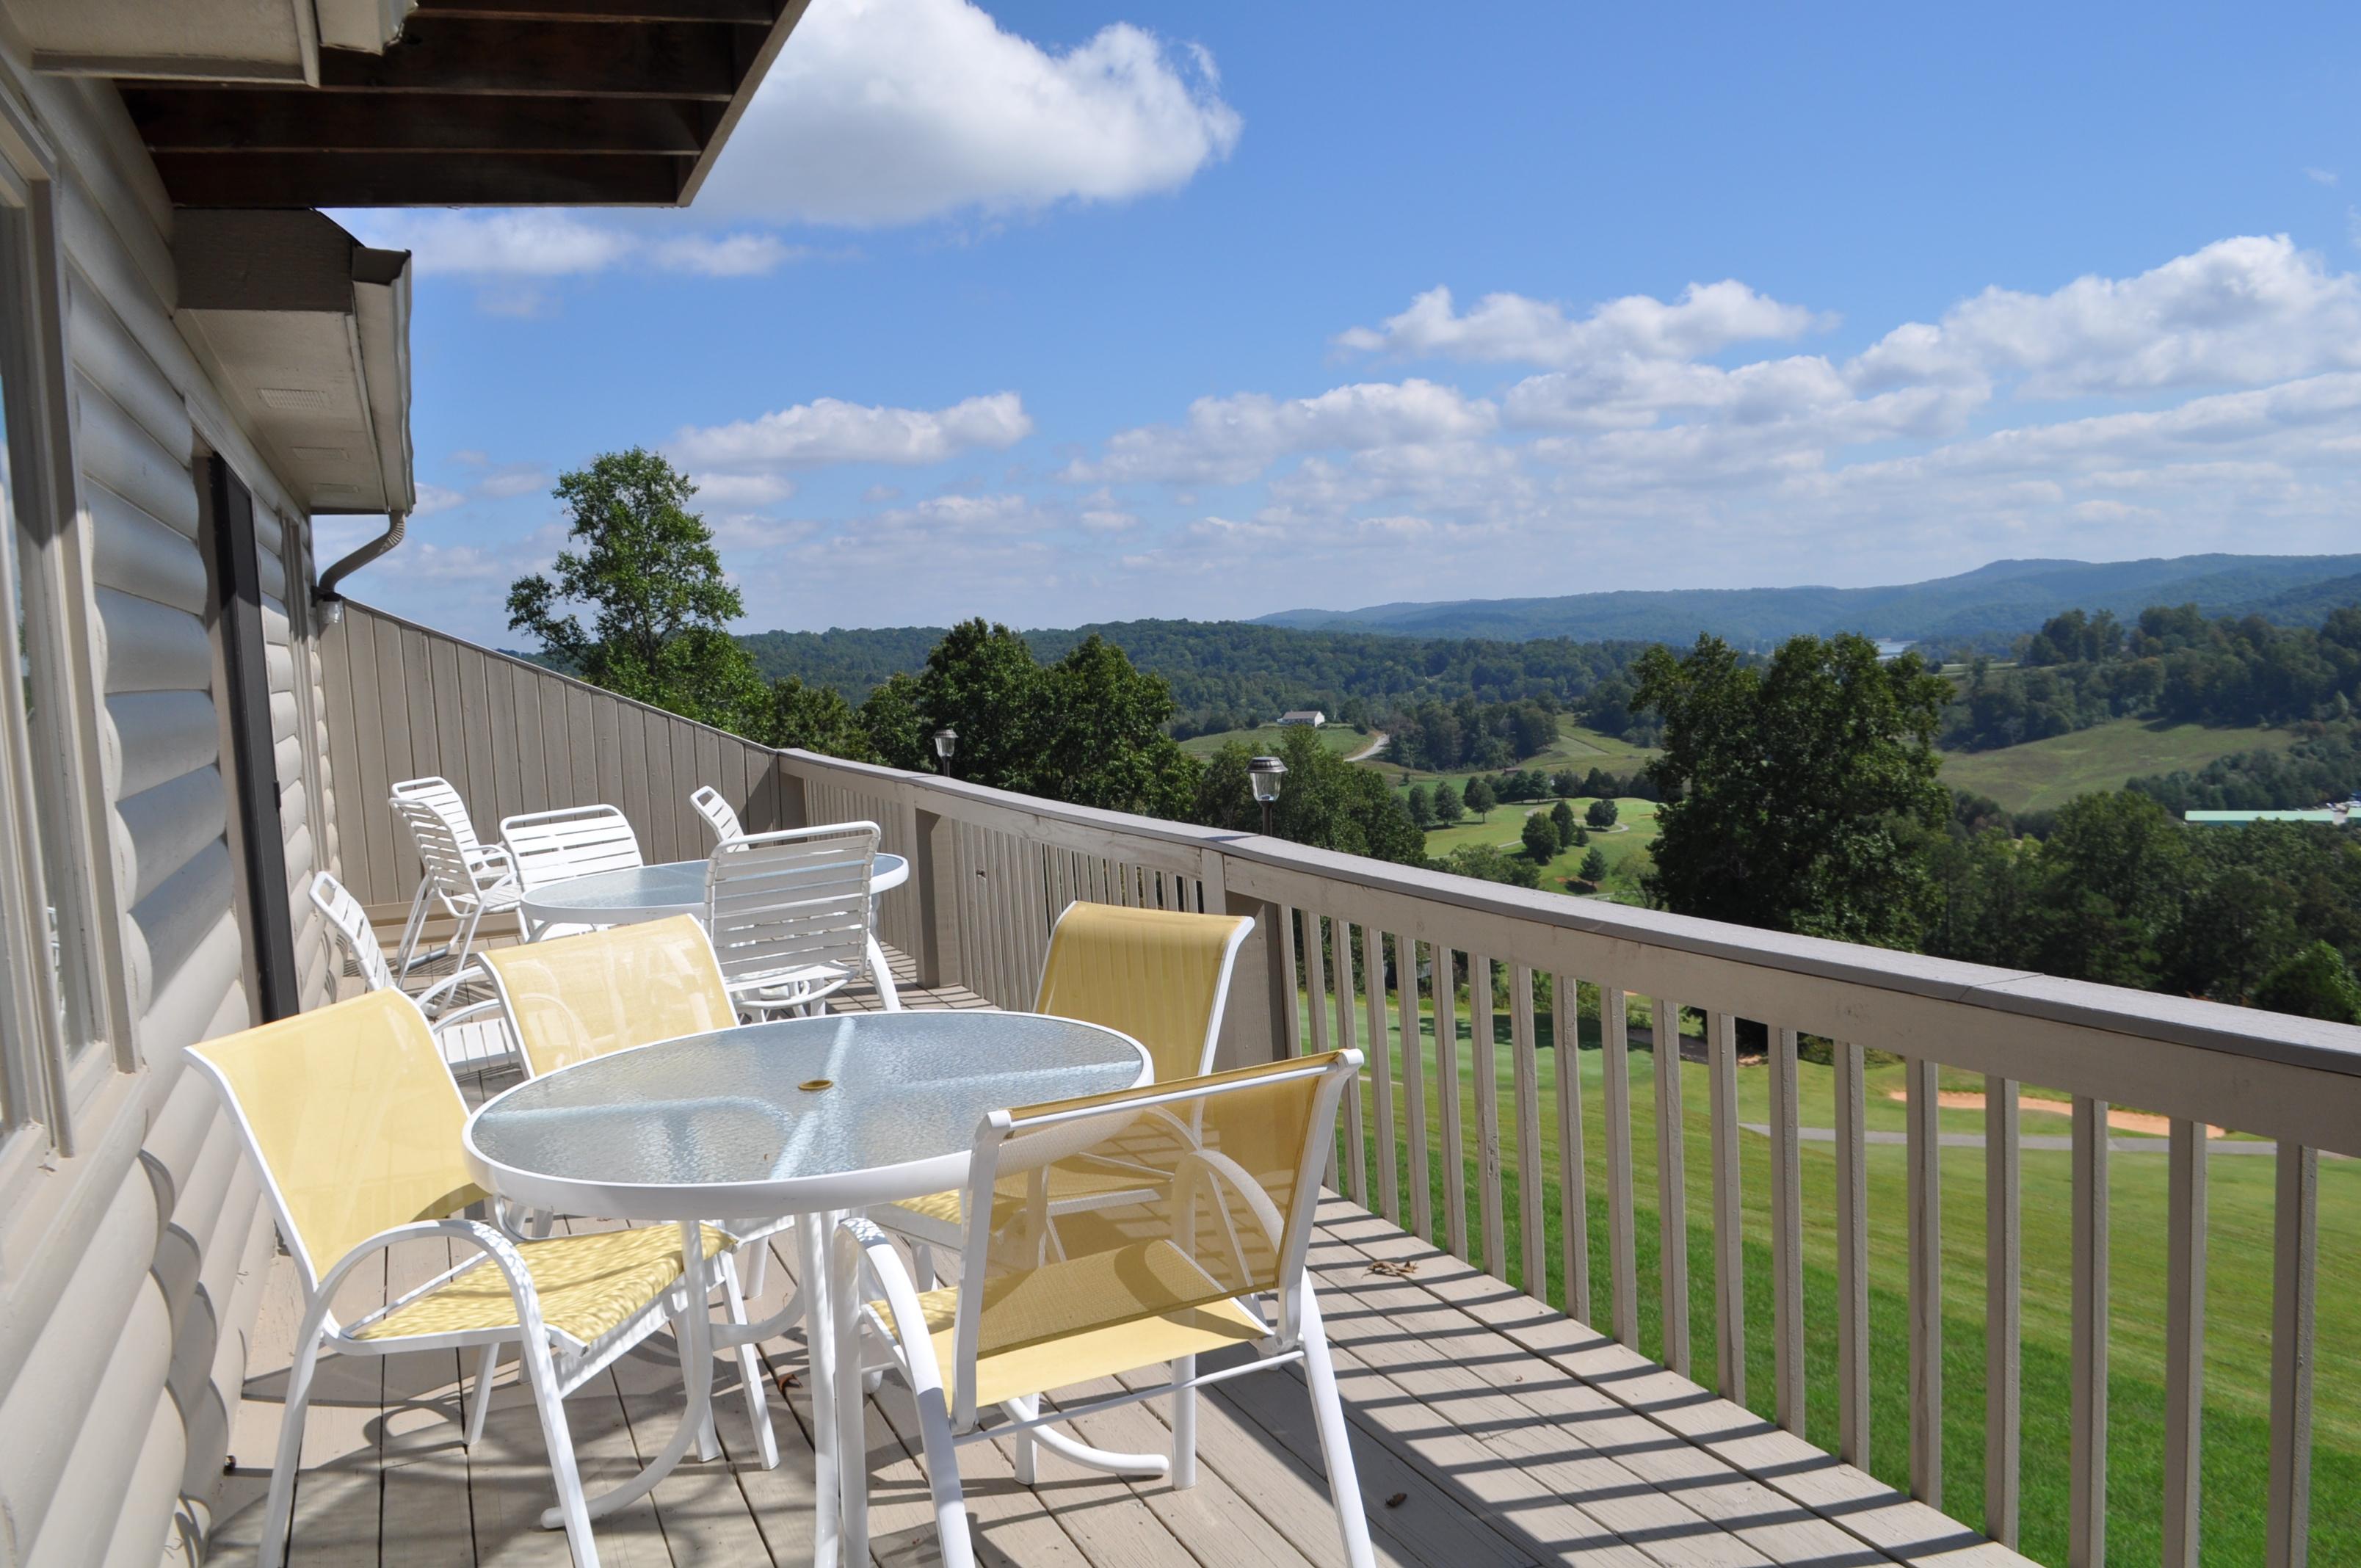 Deerfield Vacation Rentals image 4